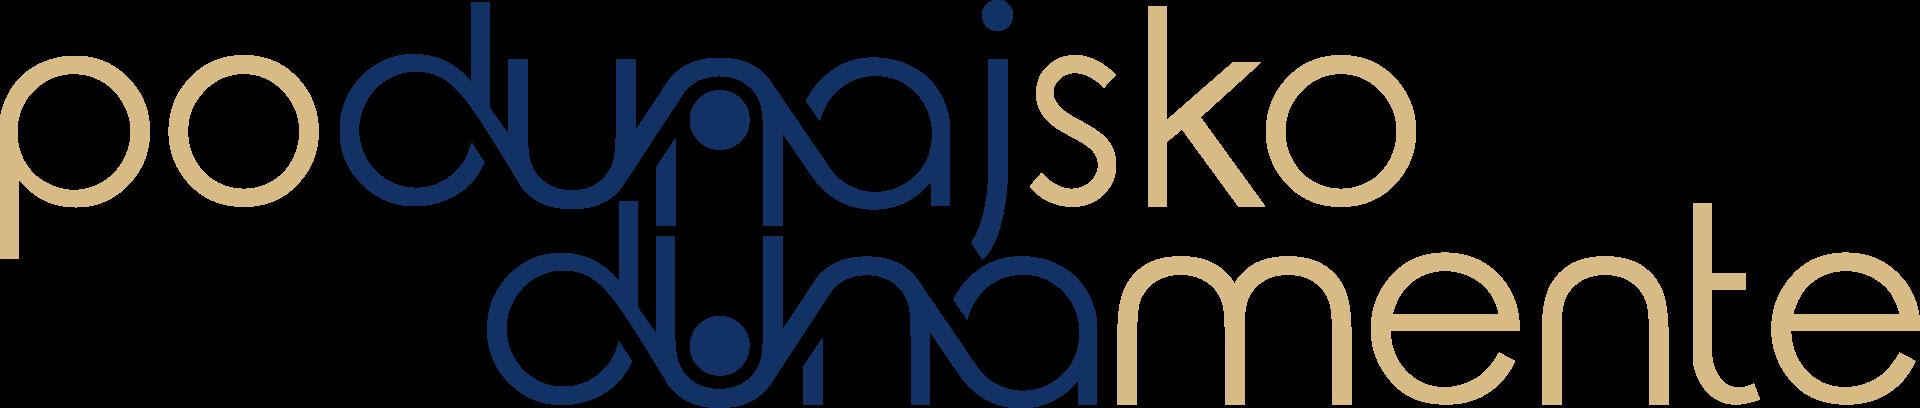 Podunajsko Dunamente logo